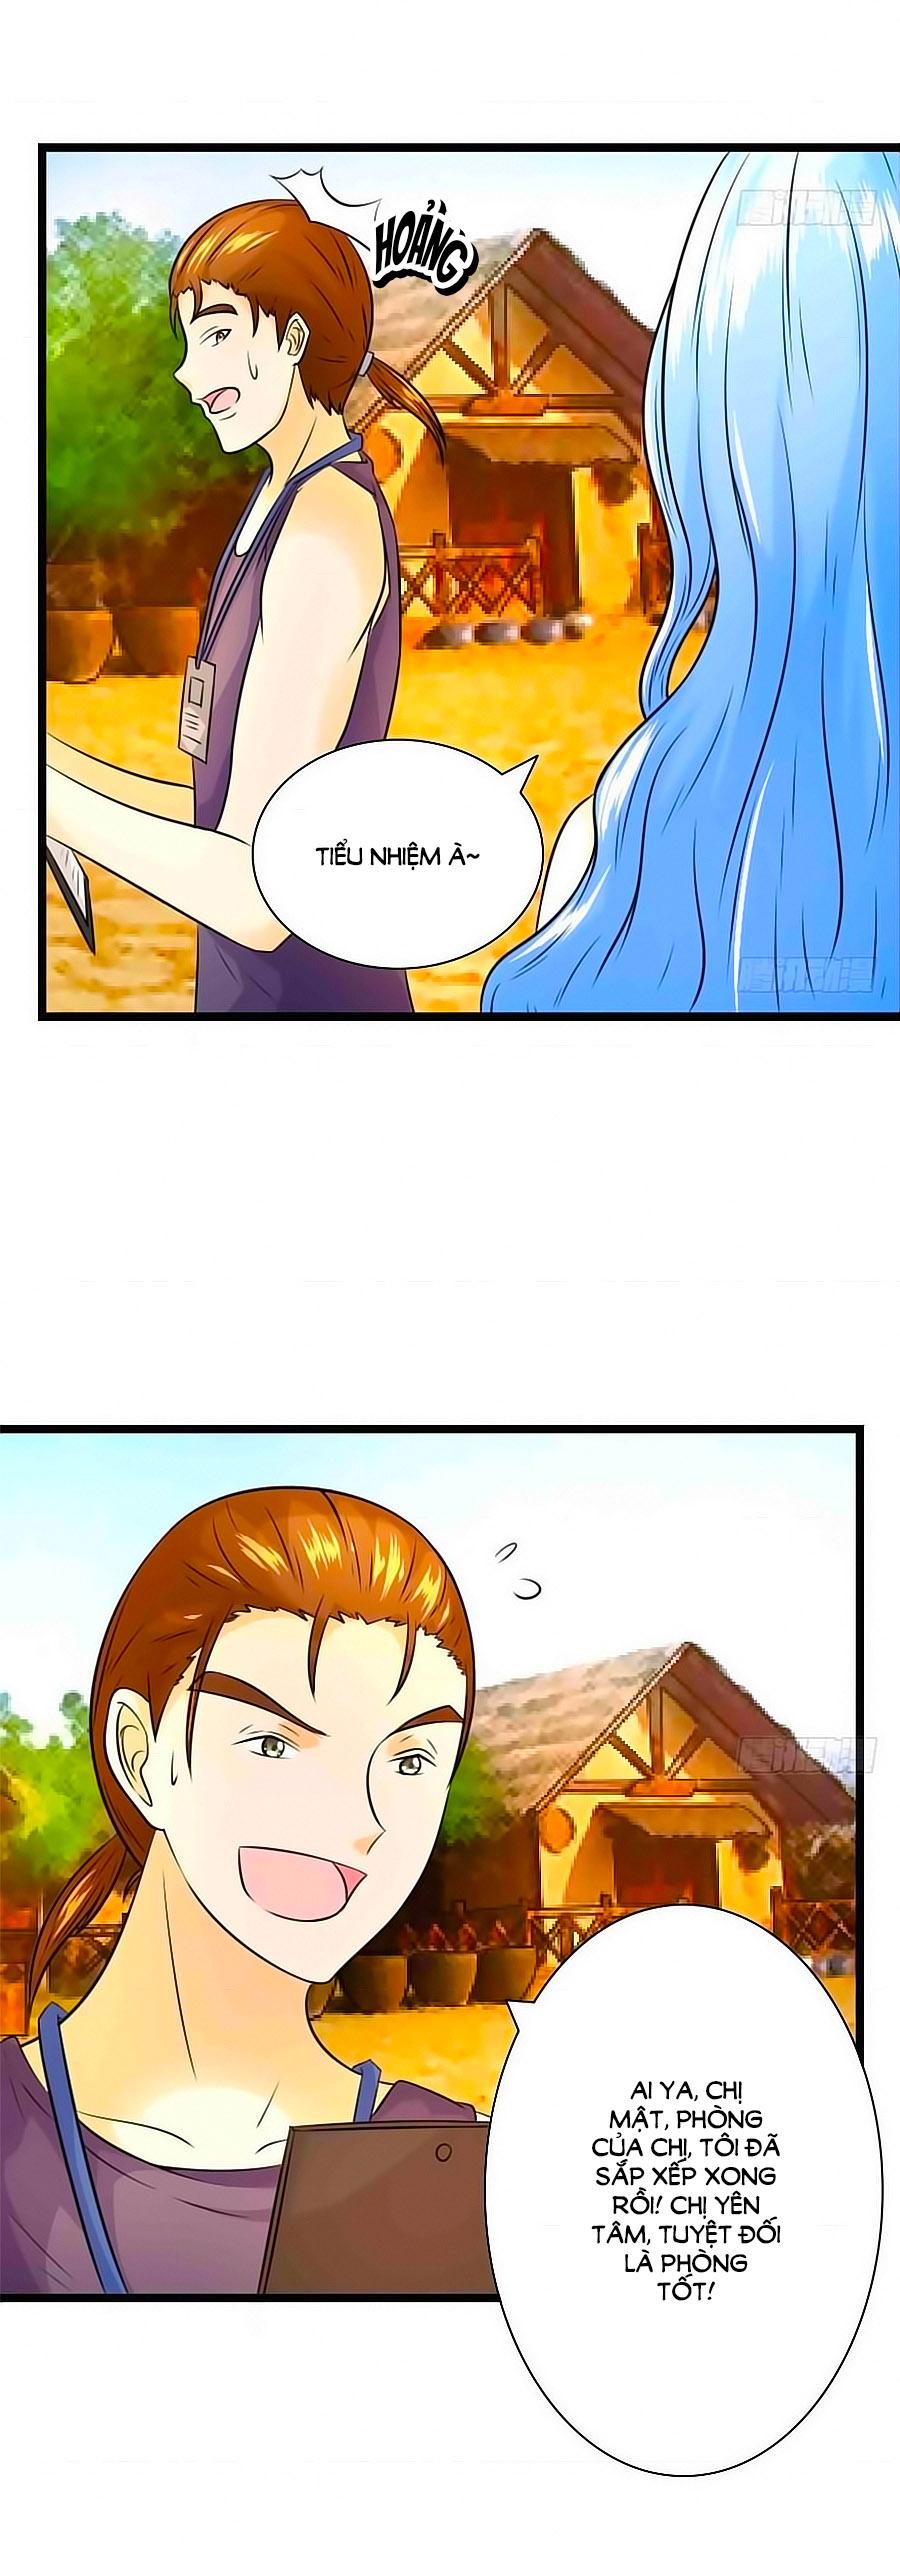 Diêm Vương Lão Công Thật Đáng Yêu - Chap 19